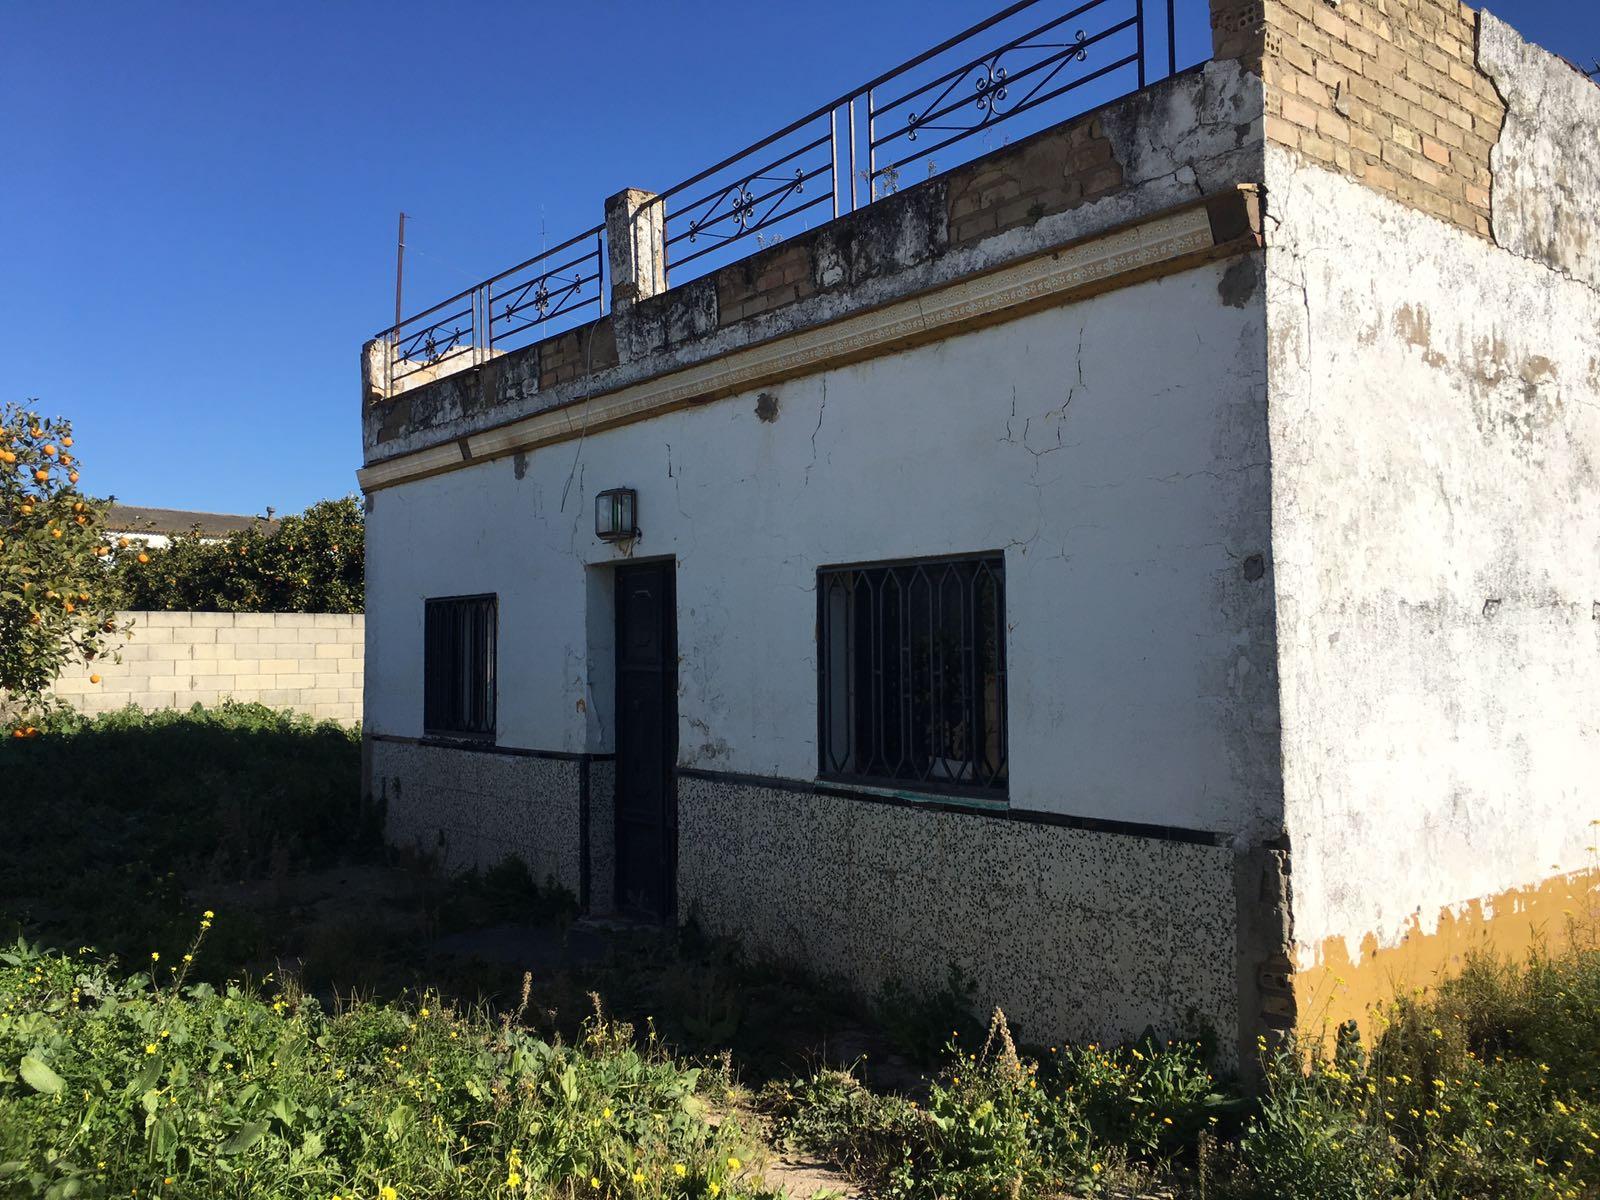 Parcela en Sevilla: Dehesa del rey - Coria del rio (AL66).